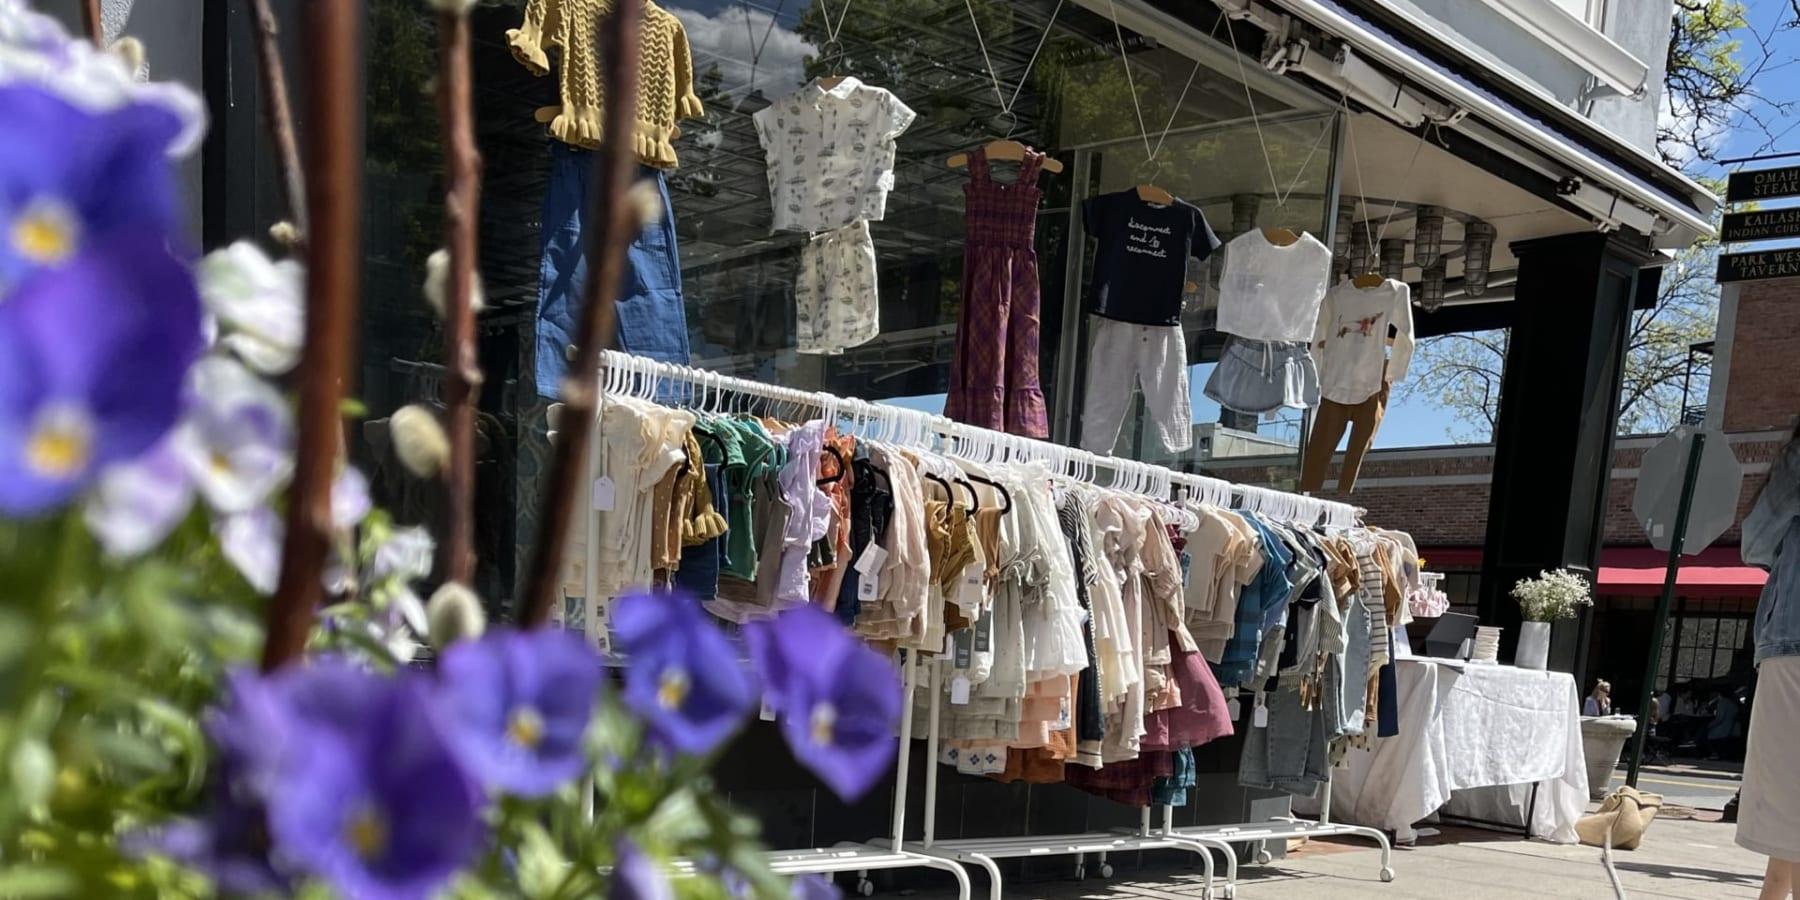 環境負荷にも生産者にも配慮するサーキュラーなベビー服ブランド「Borobabi」